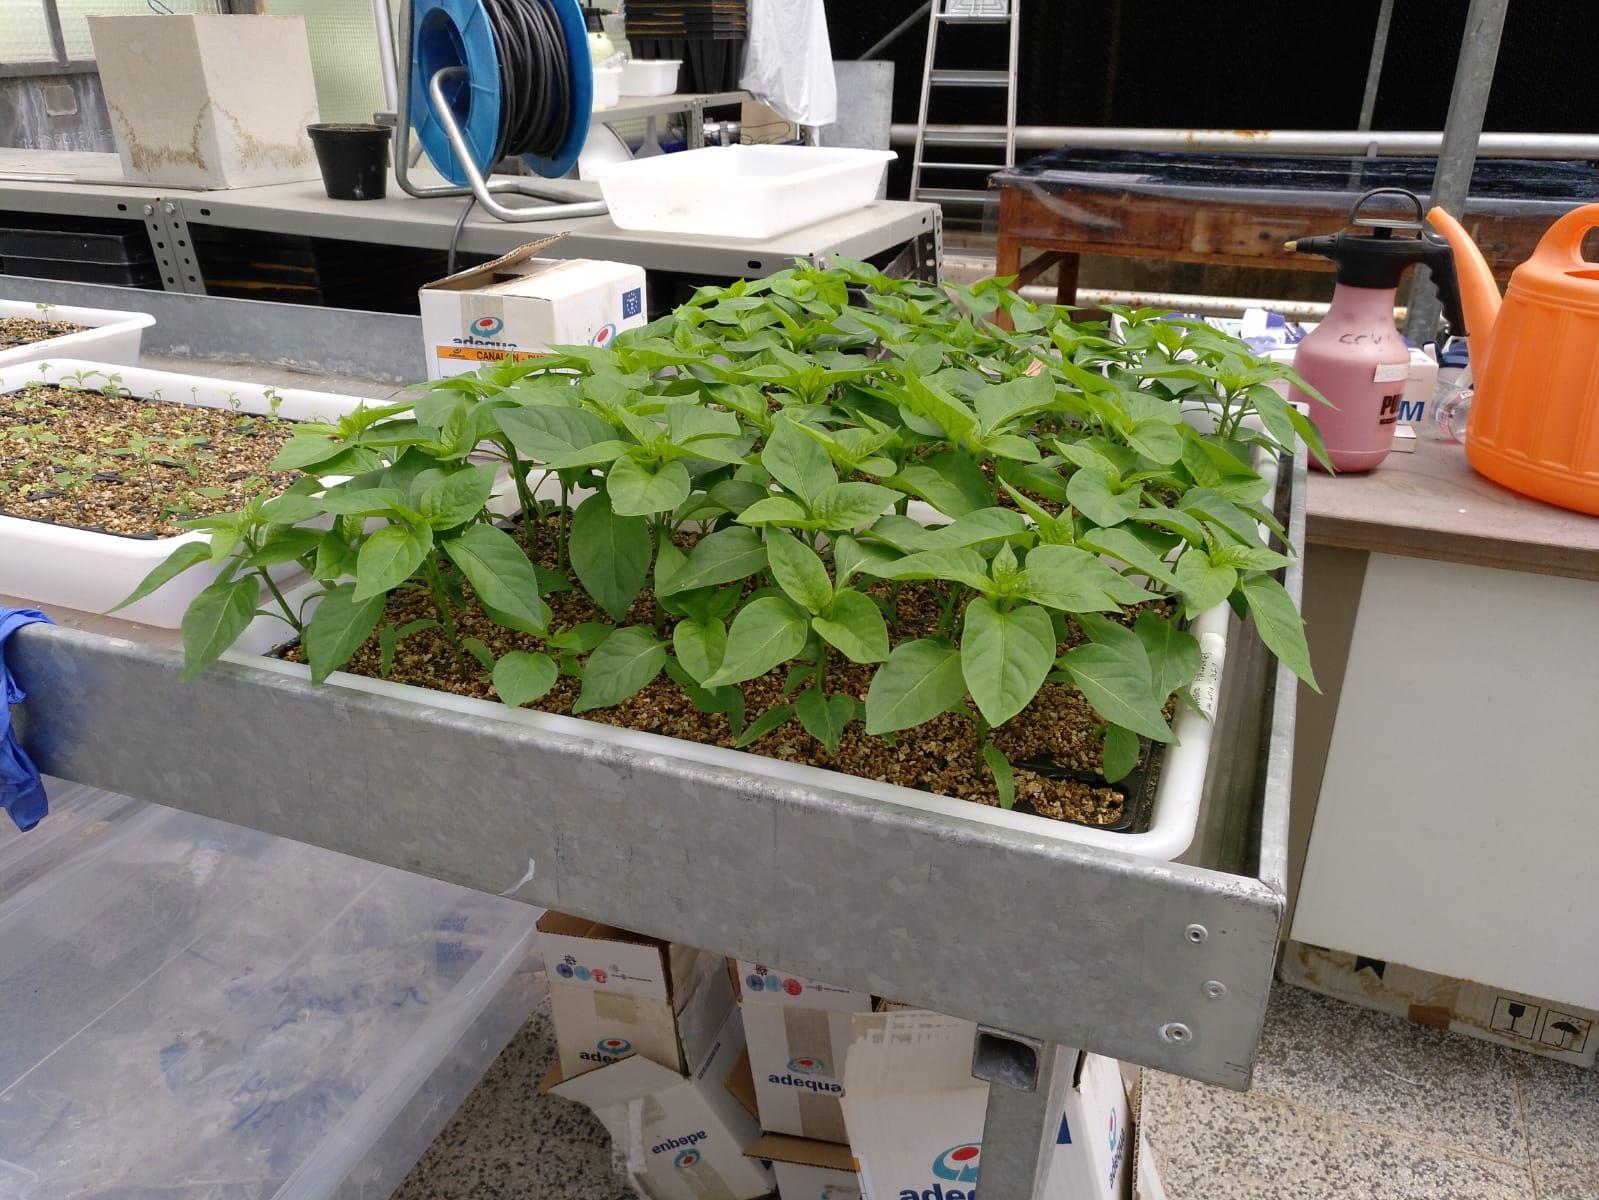 Las raíces de las plantas compiten por los nutrientes